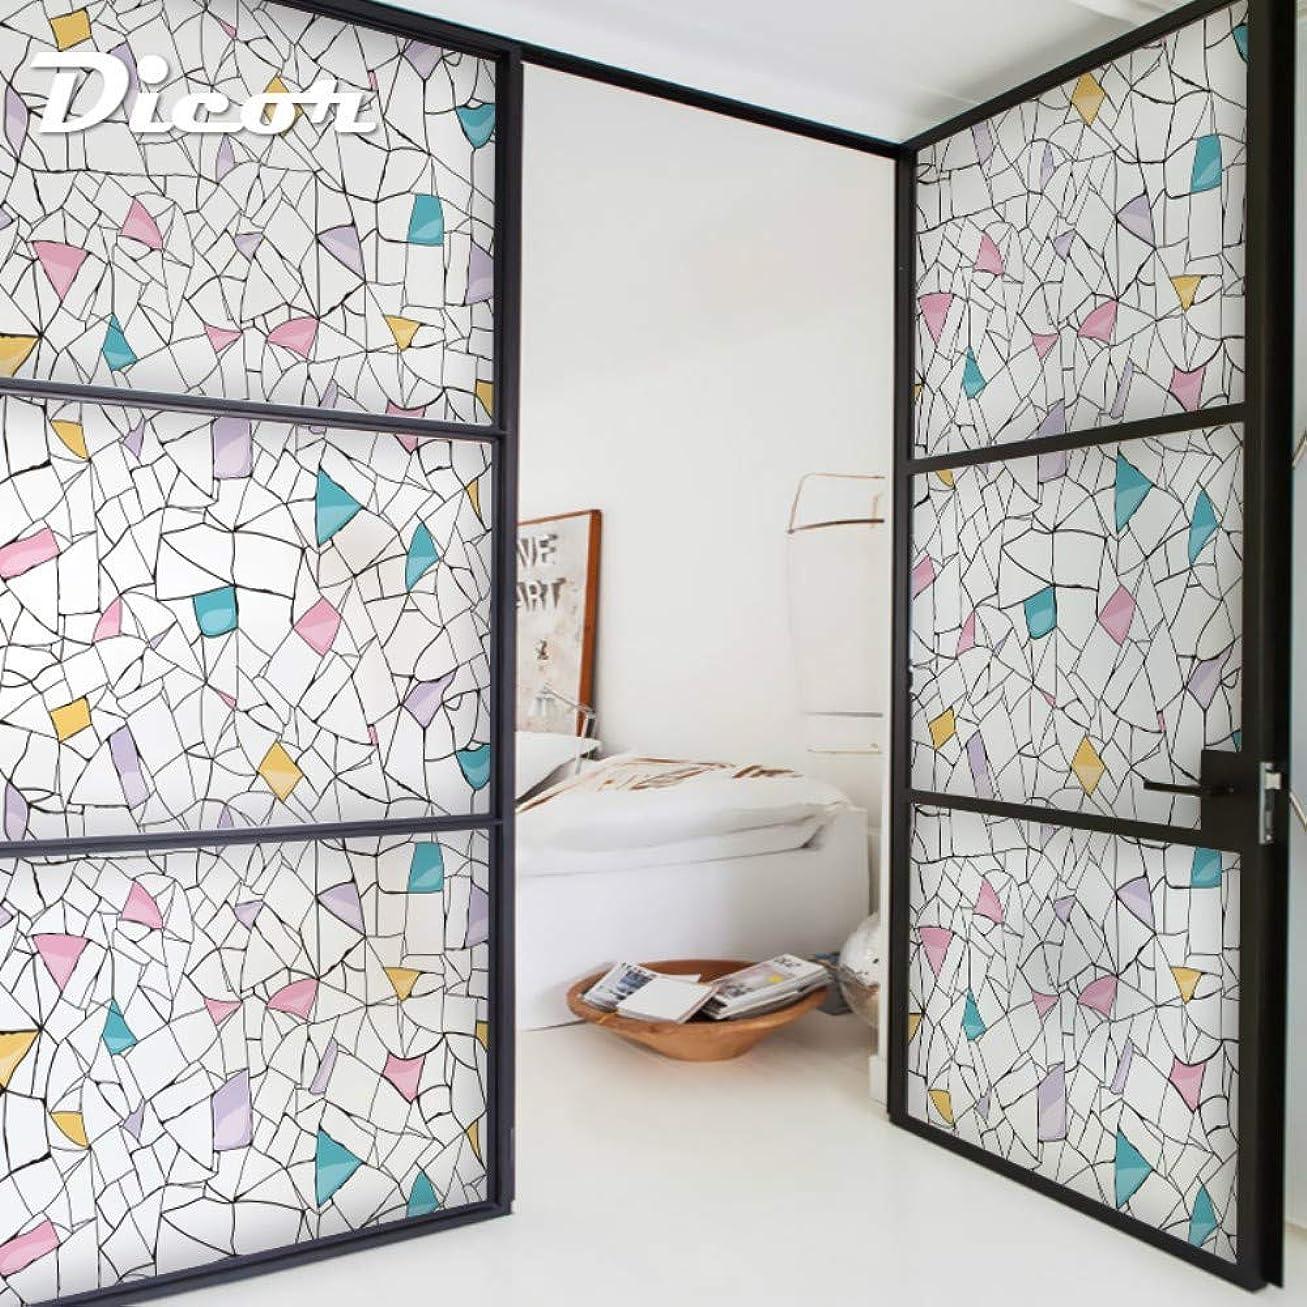 余裕があるゴミ箱を空にするいたずらガラスフィルムウィンドウフィルムアートウィンドウフィルムアクセサリーステンドグラスステッカーアンチUVリビングルームバスルーム家の装飾